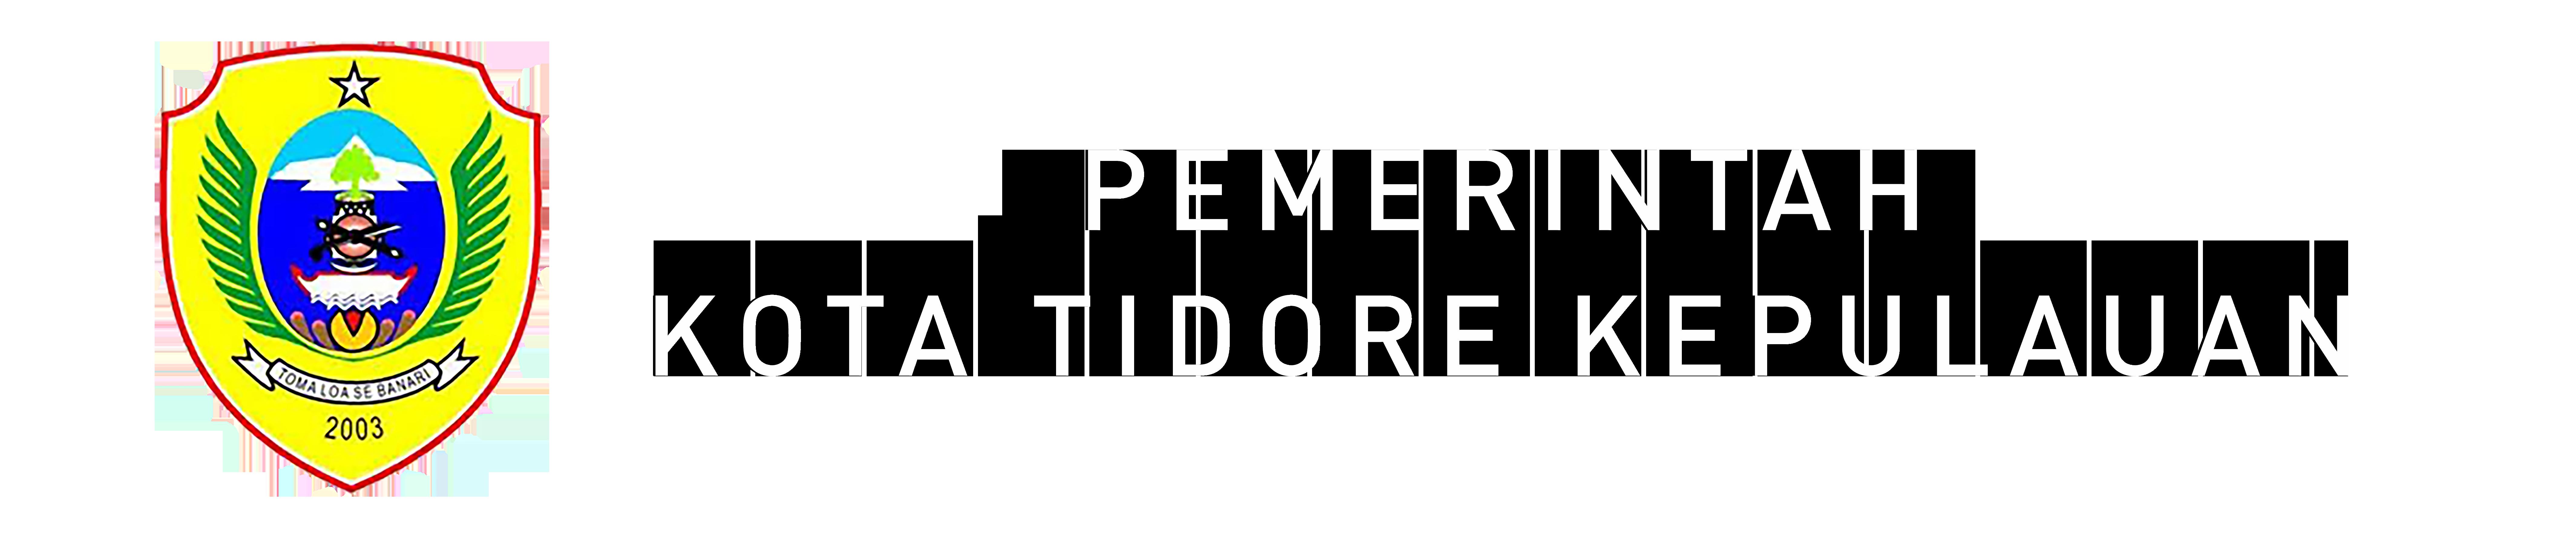 Pemerintah Kota Tidore Kepulauan-Toma Loa Se Banari